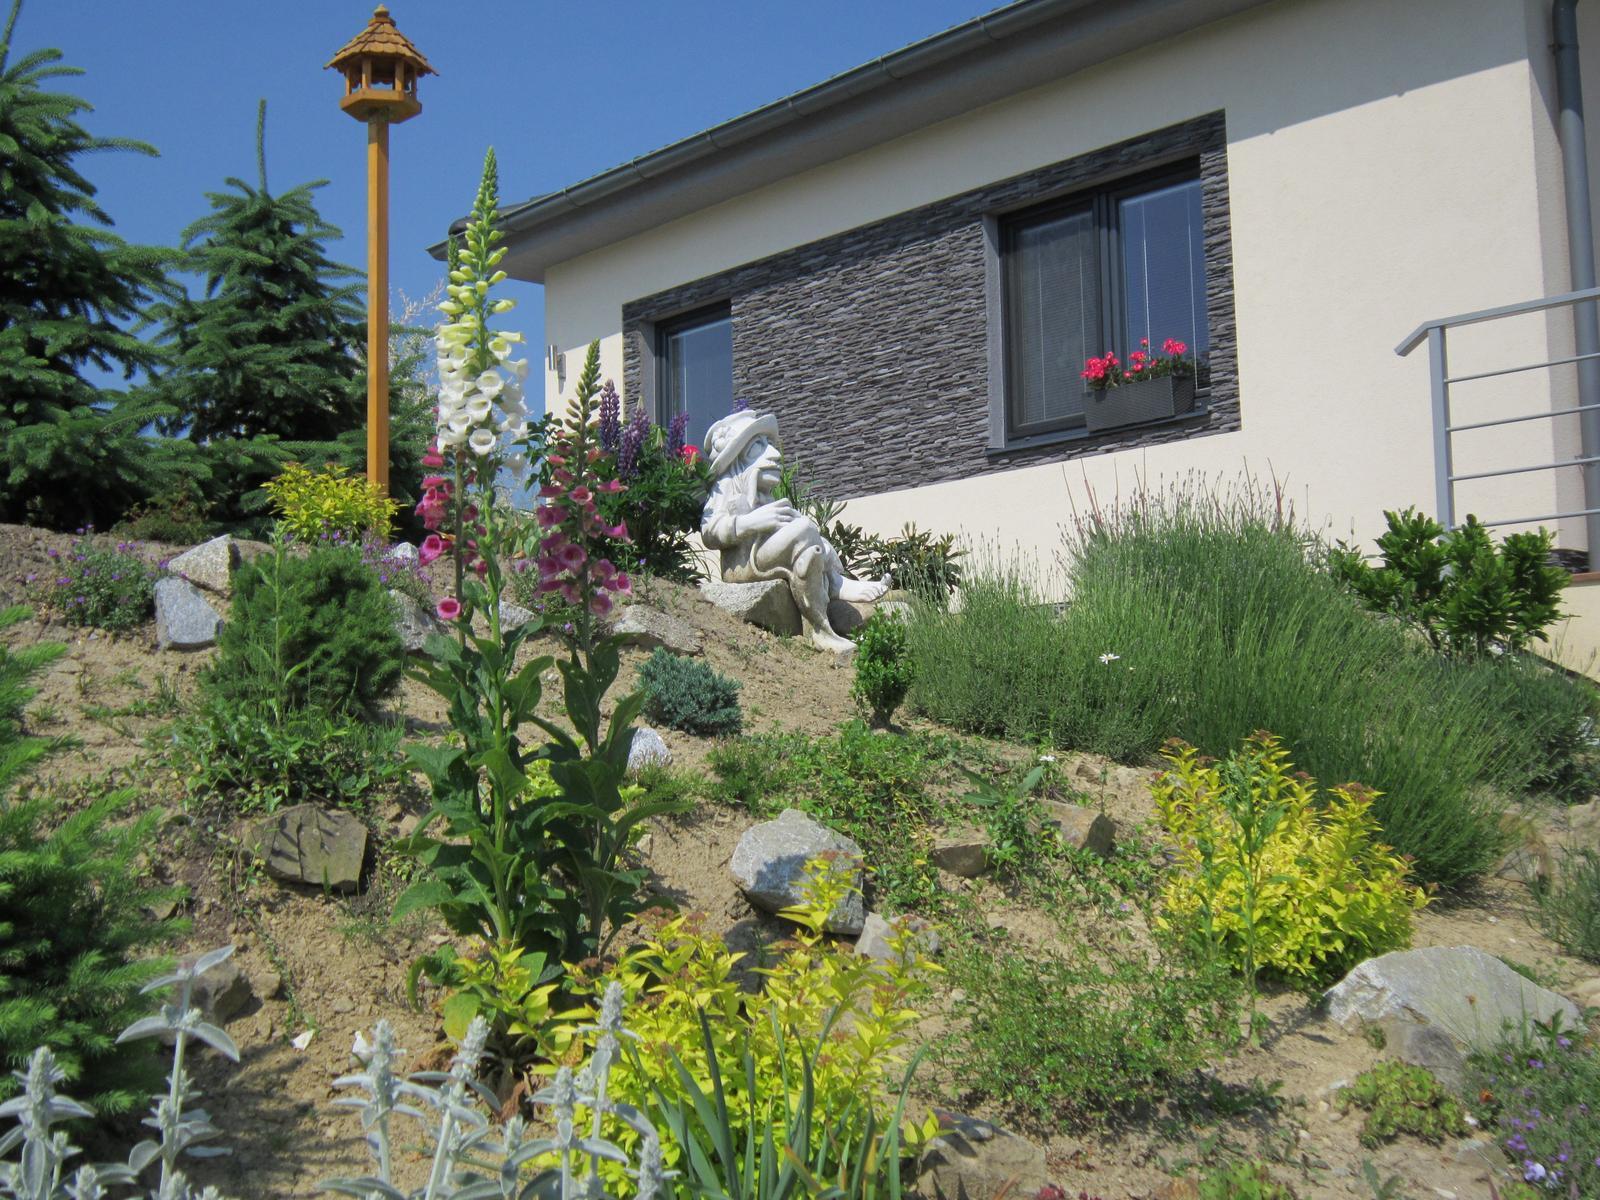 Moja záhrada...ako šiel čas - Obrázok č. 92